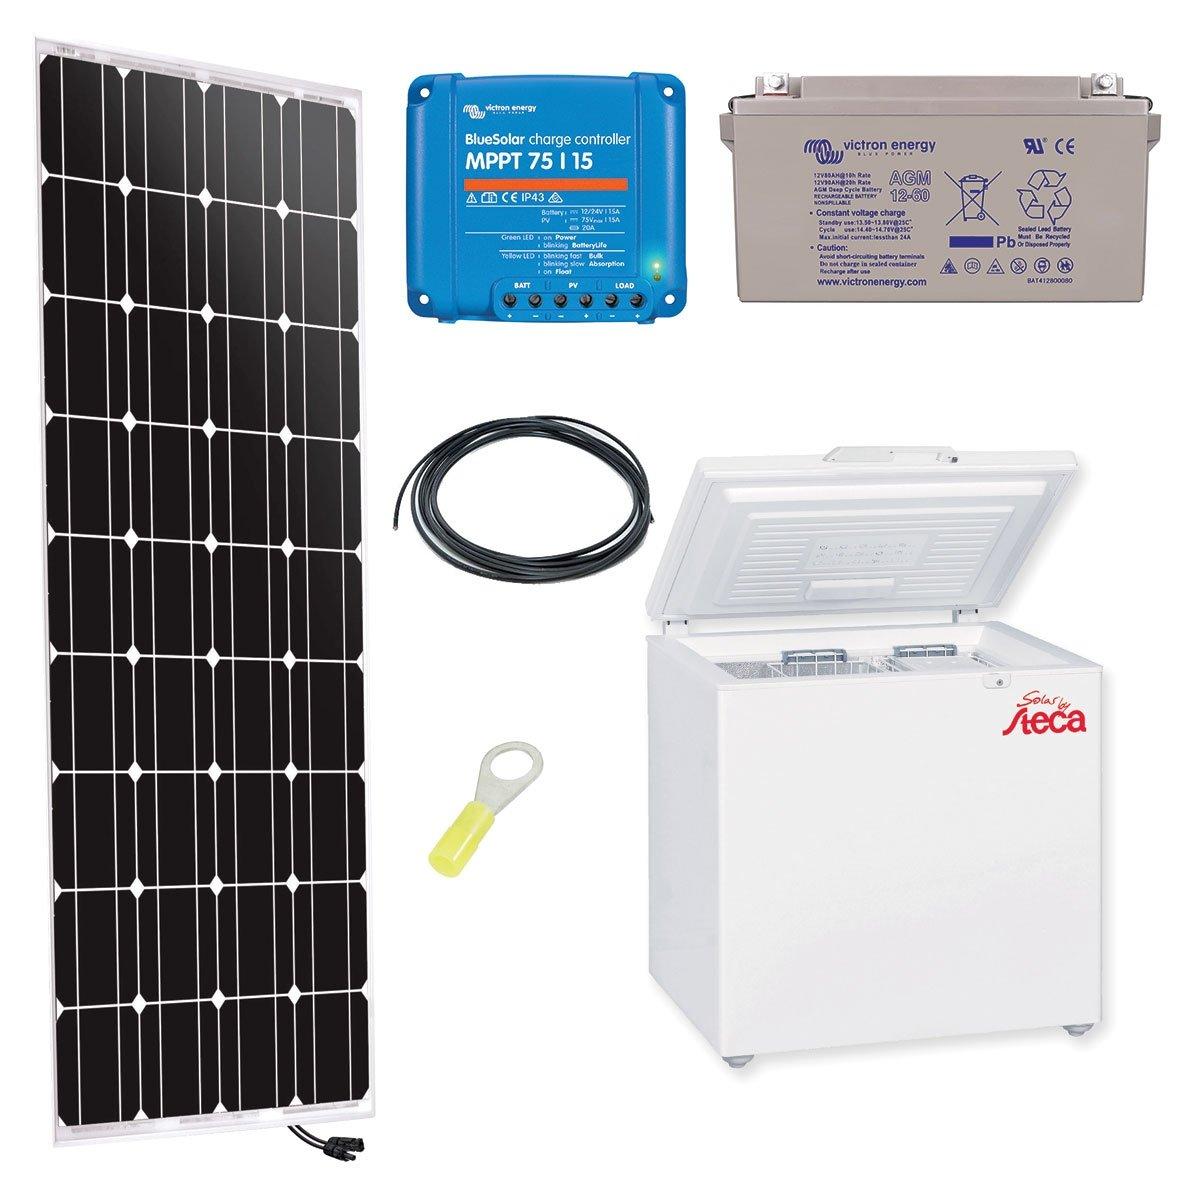 Kit Solar 150 W frigorífico Steca 166L: Amazon.es: Iluminación